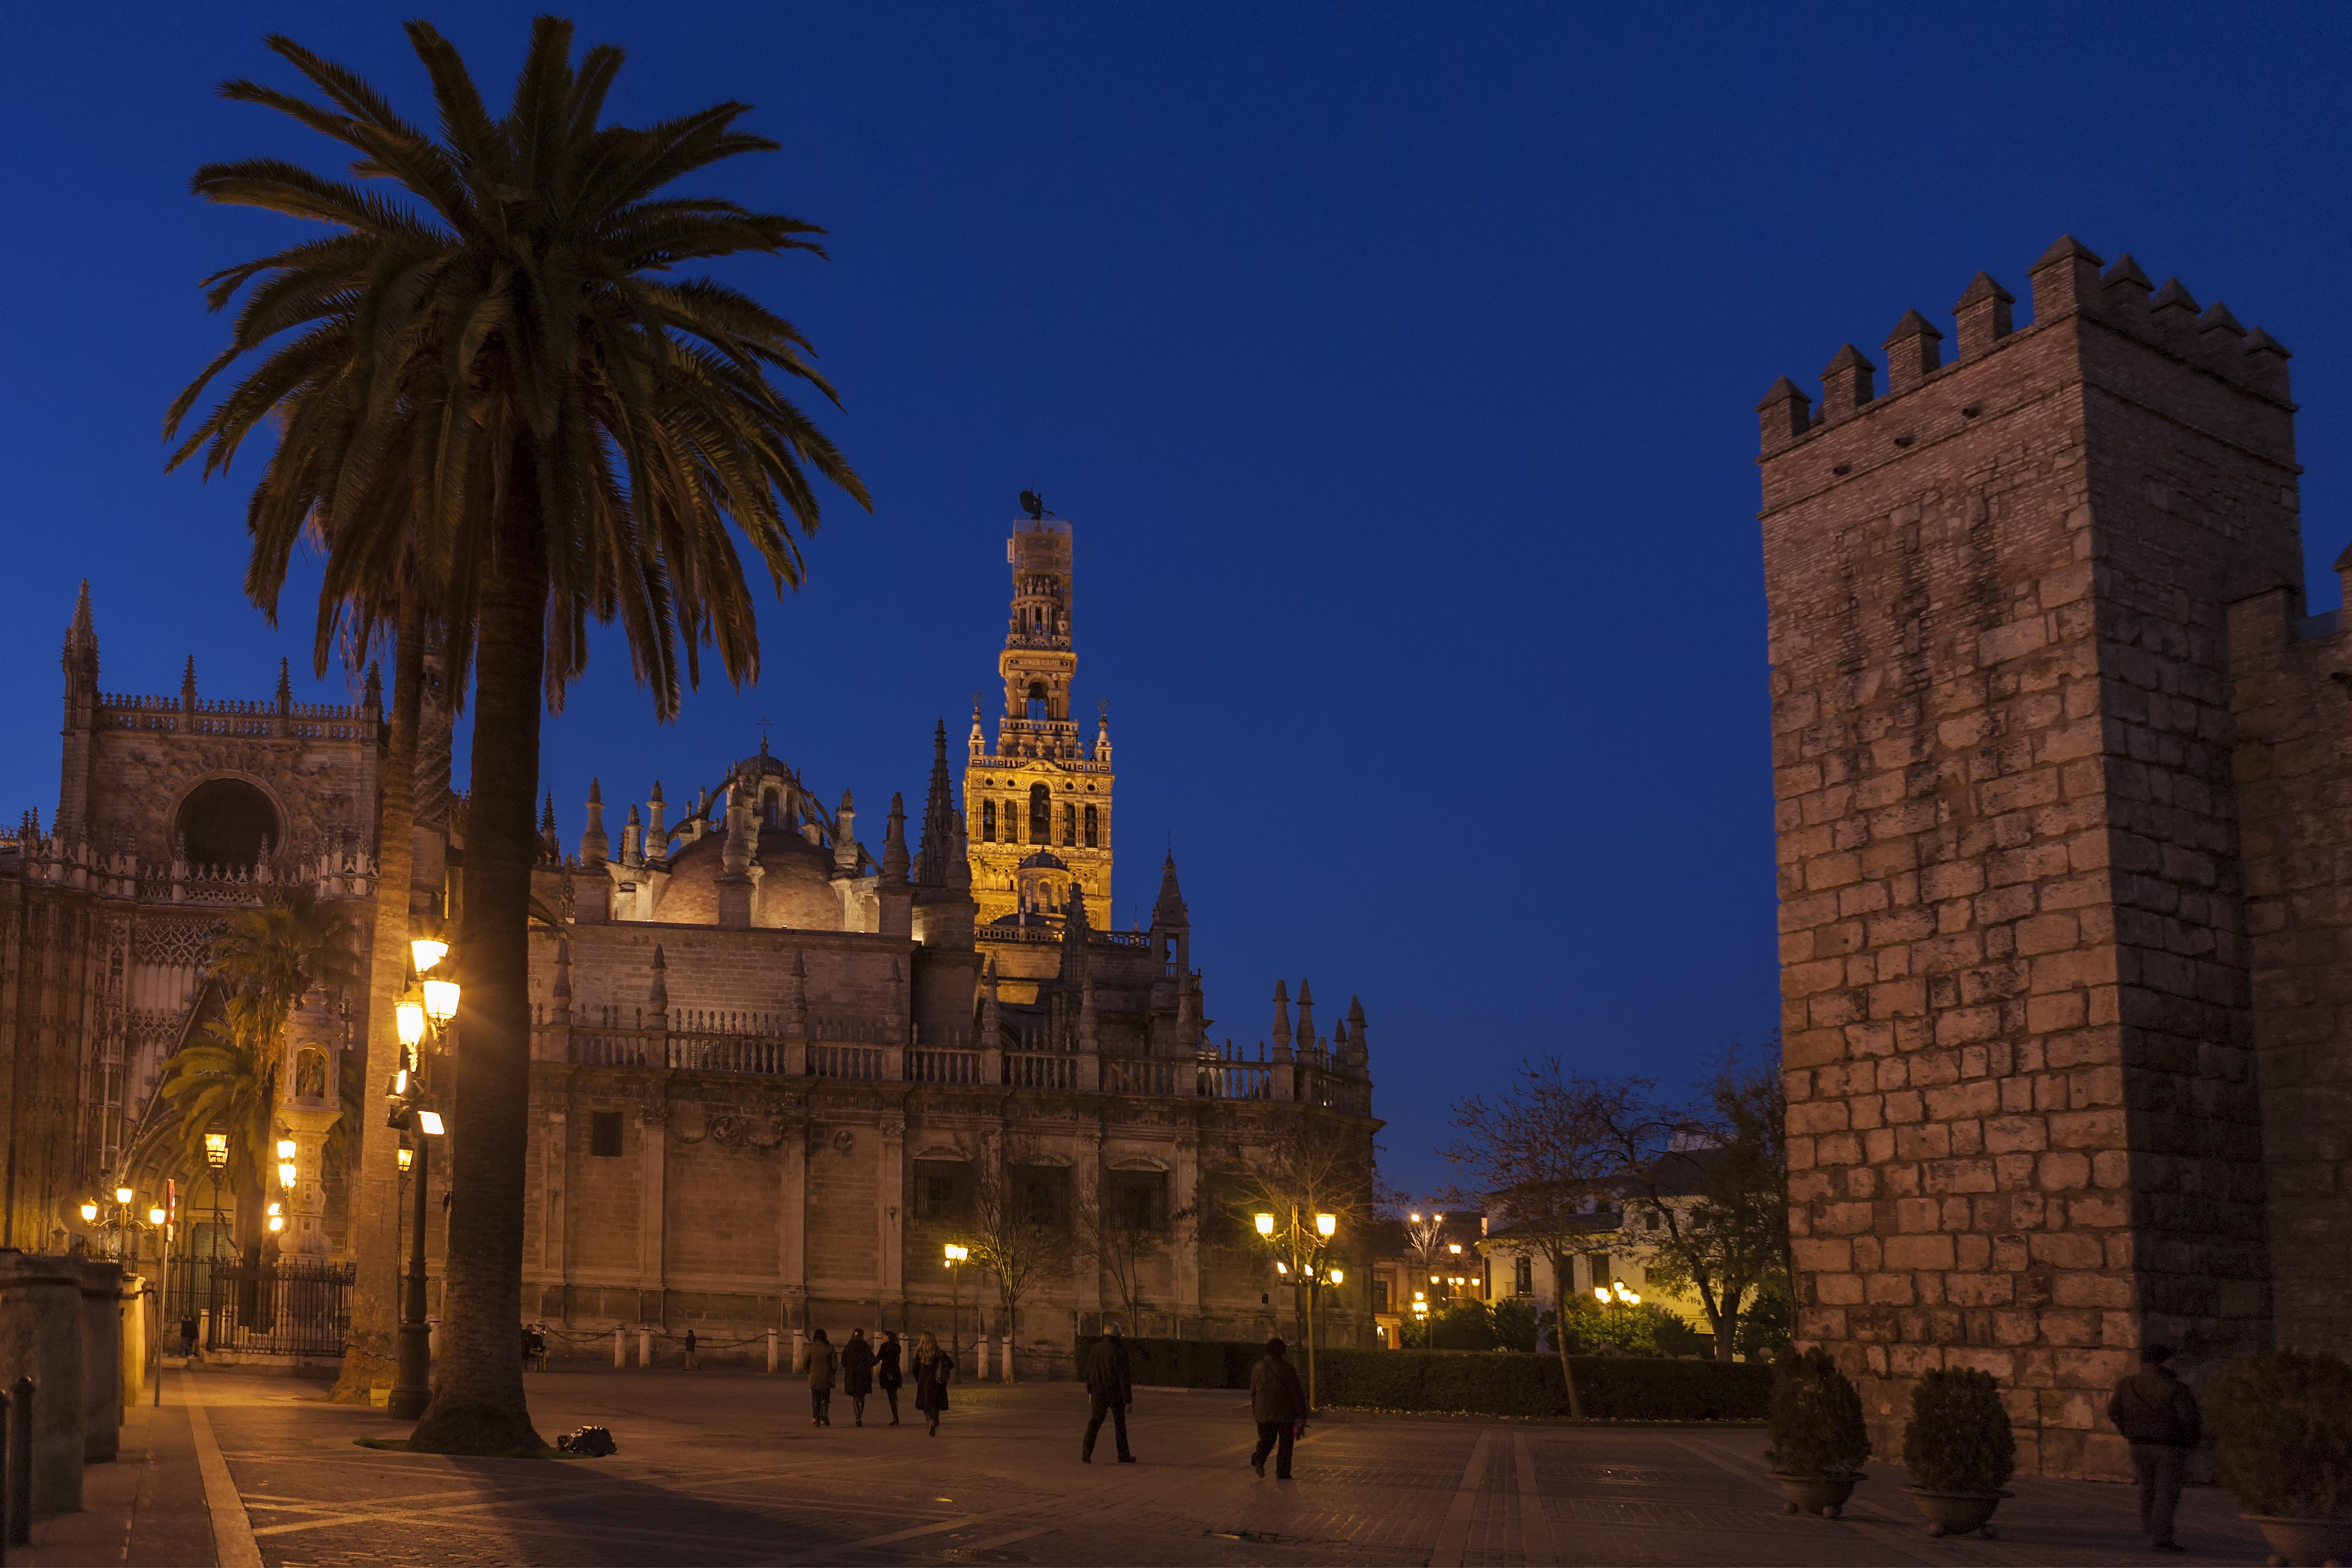 C18 Plaza del Triunfo, Sevilla